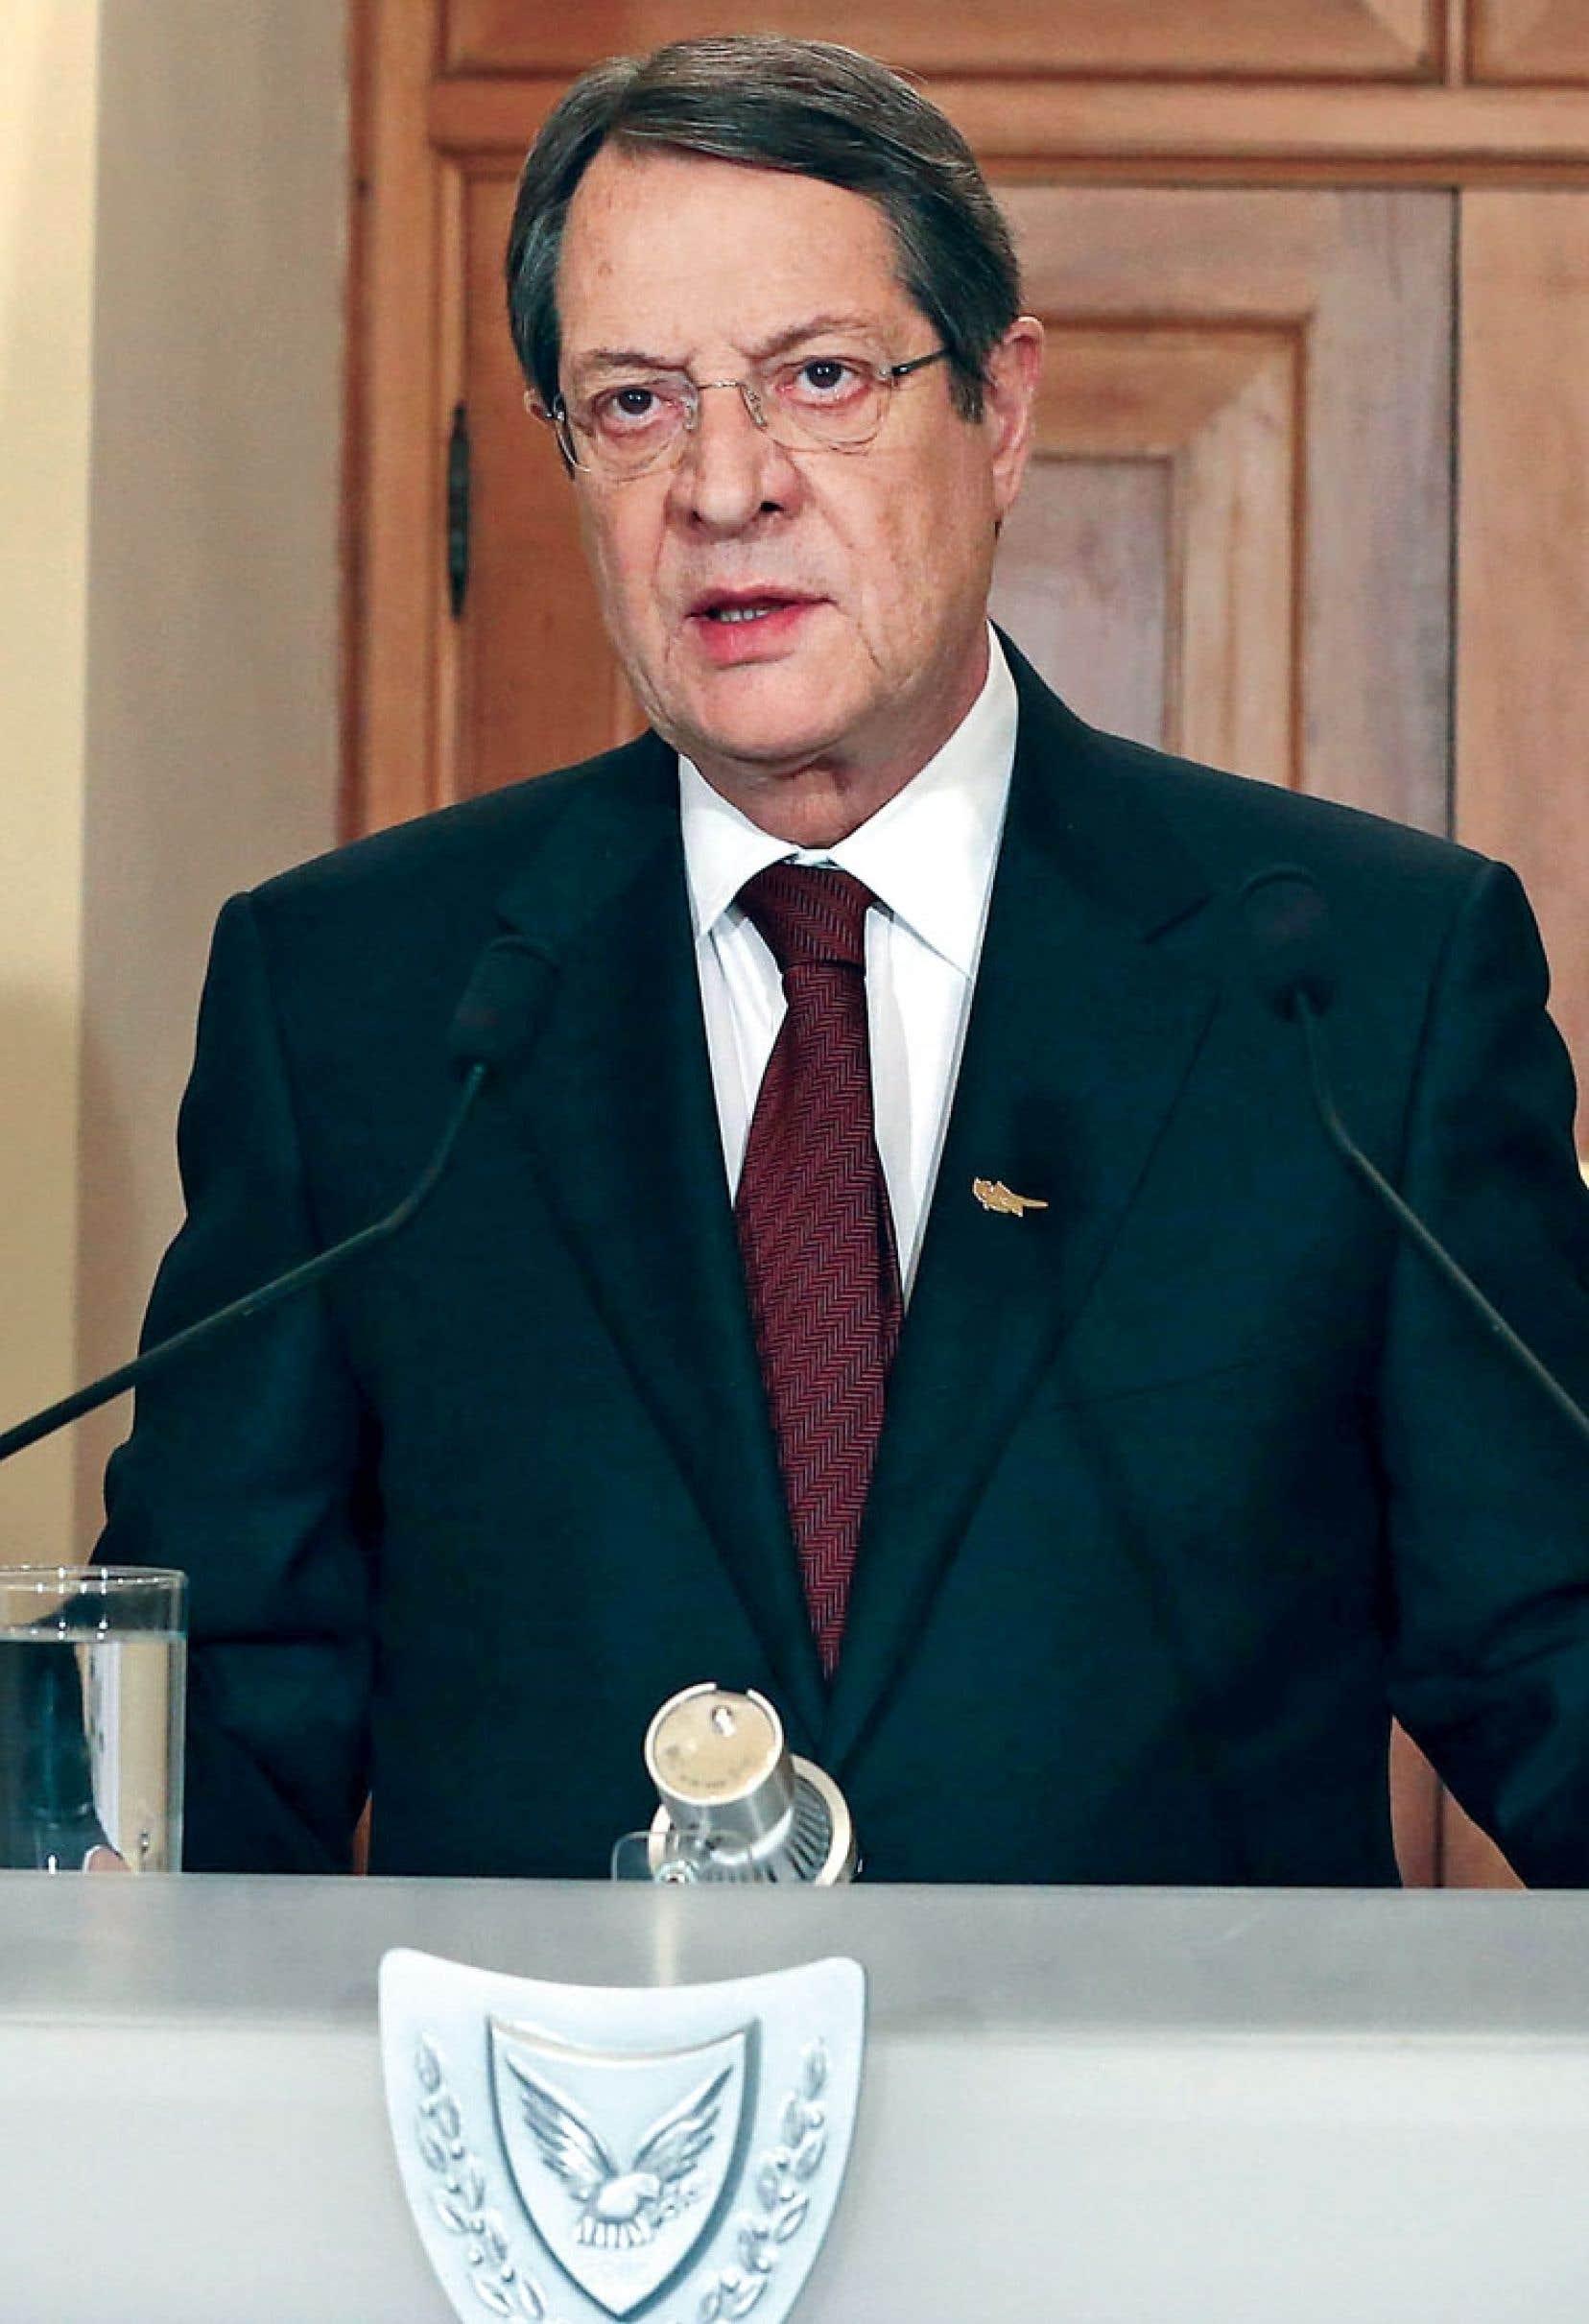 Le président de Chypre, Nicos Anastasiades, a conclu samedi un accord pour un plan de sauvetage prévoyant une taxe sur les comptes bancaires de tous les résidants de l'île, allant jusqu'à 9,9 %.